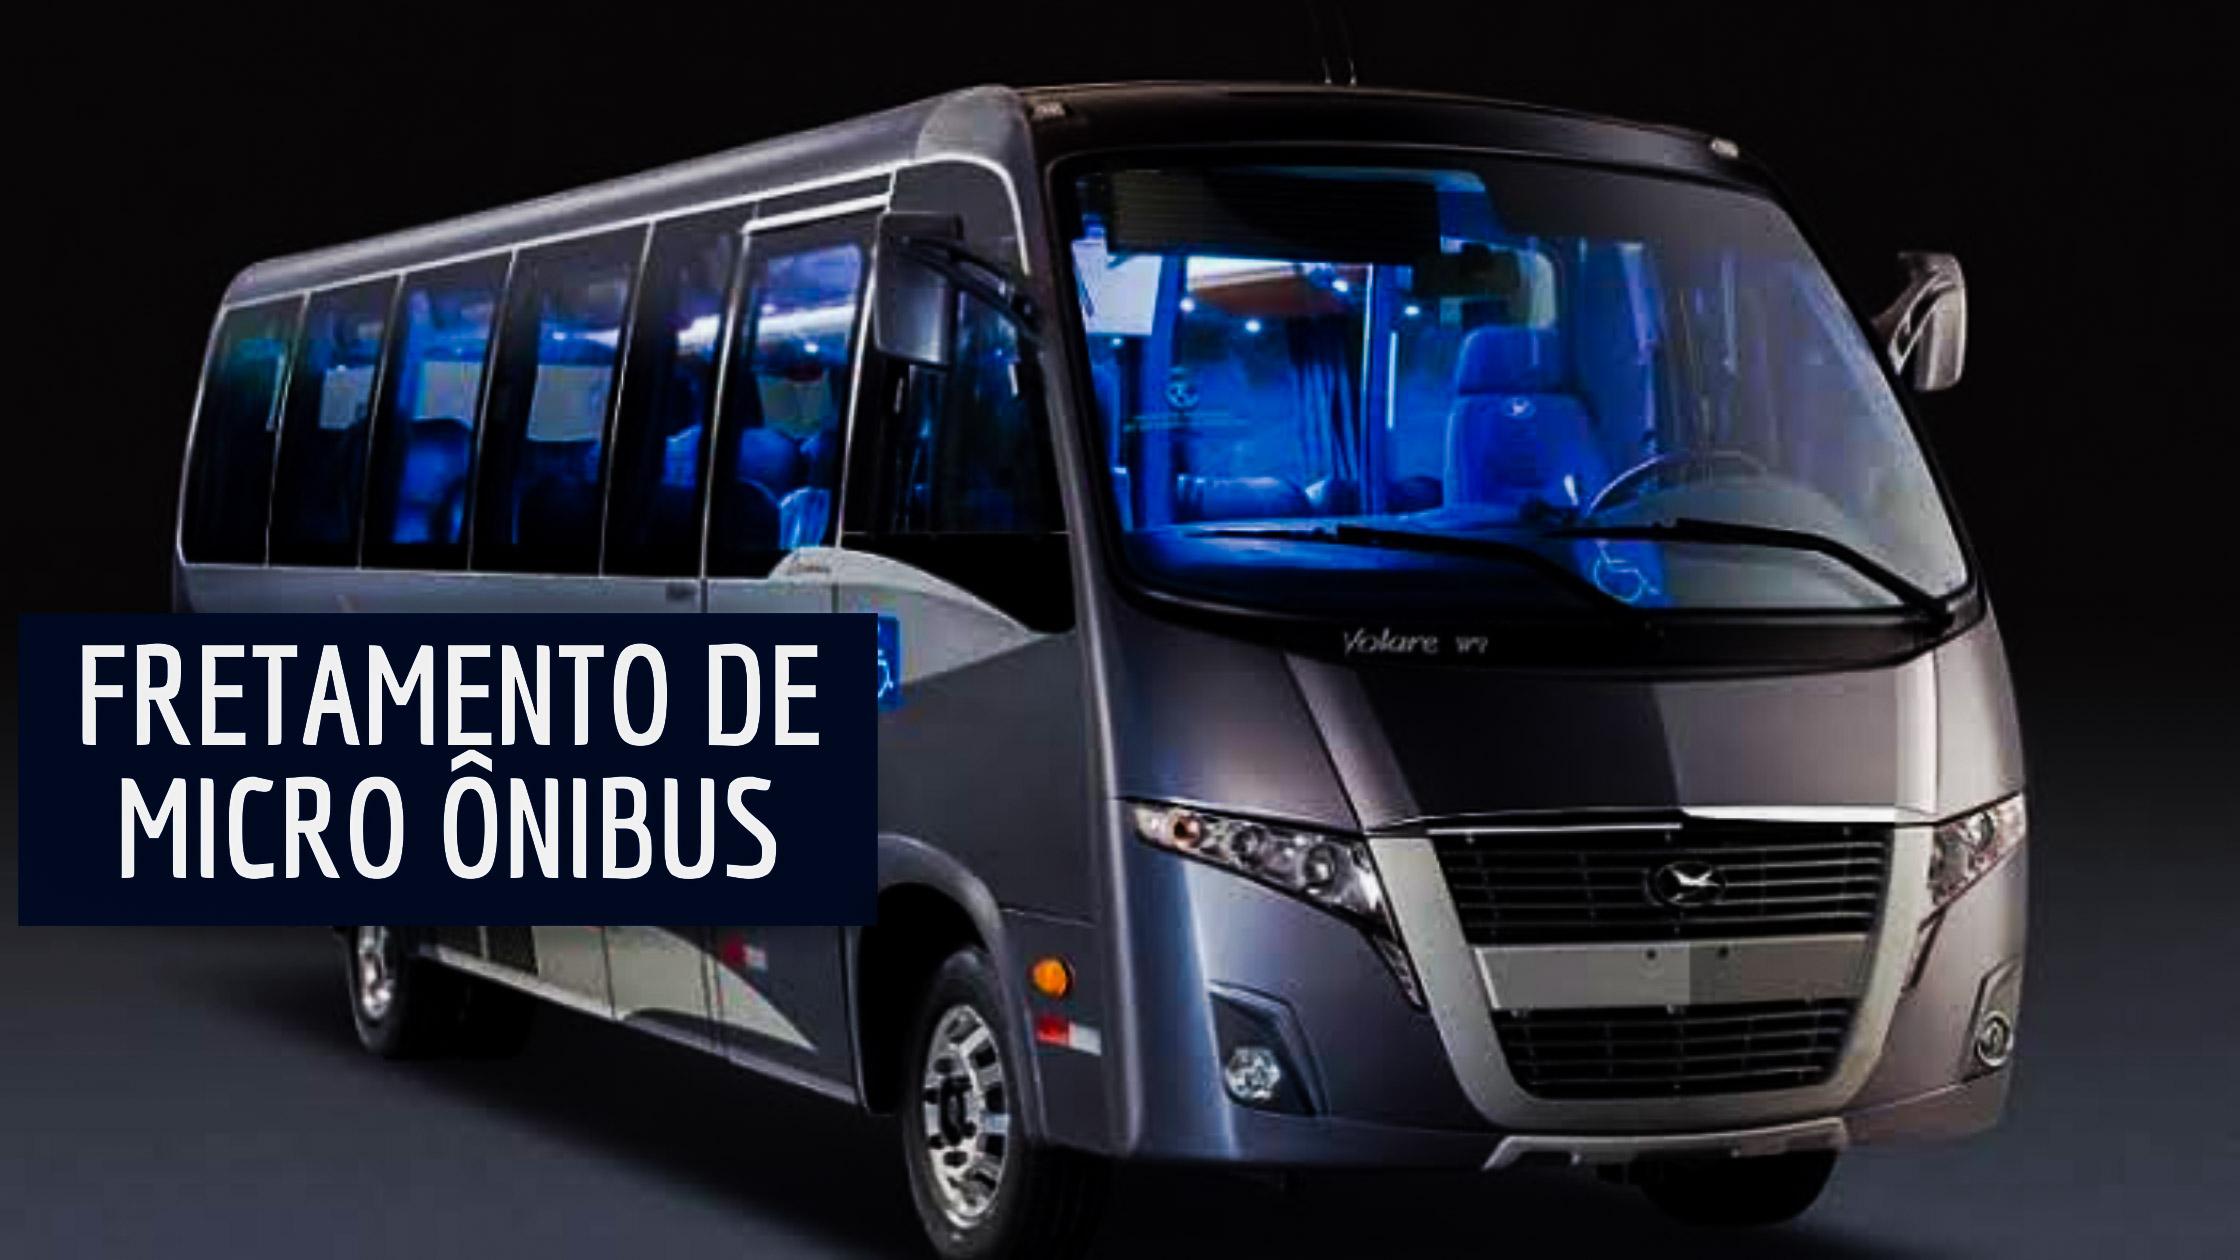 Fretamento-de-Micro-onibus